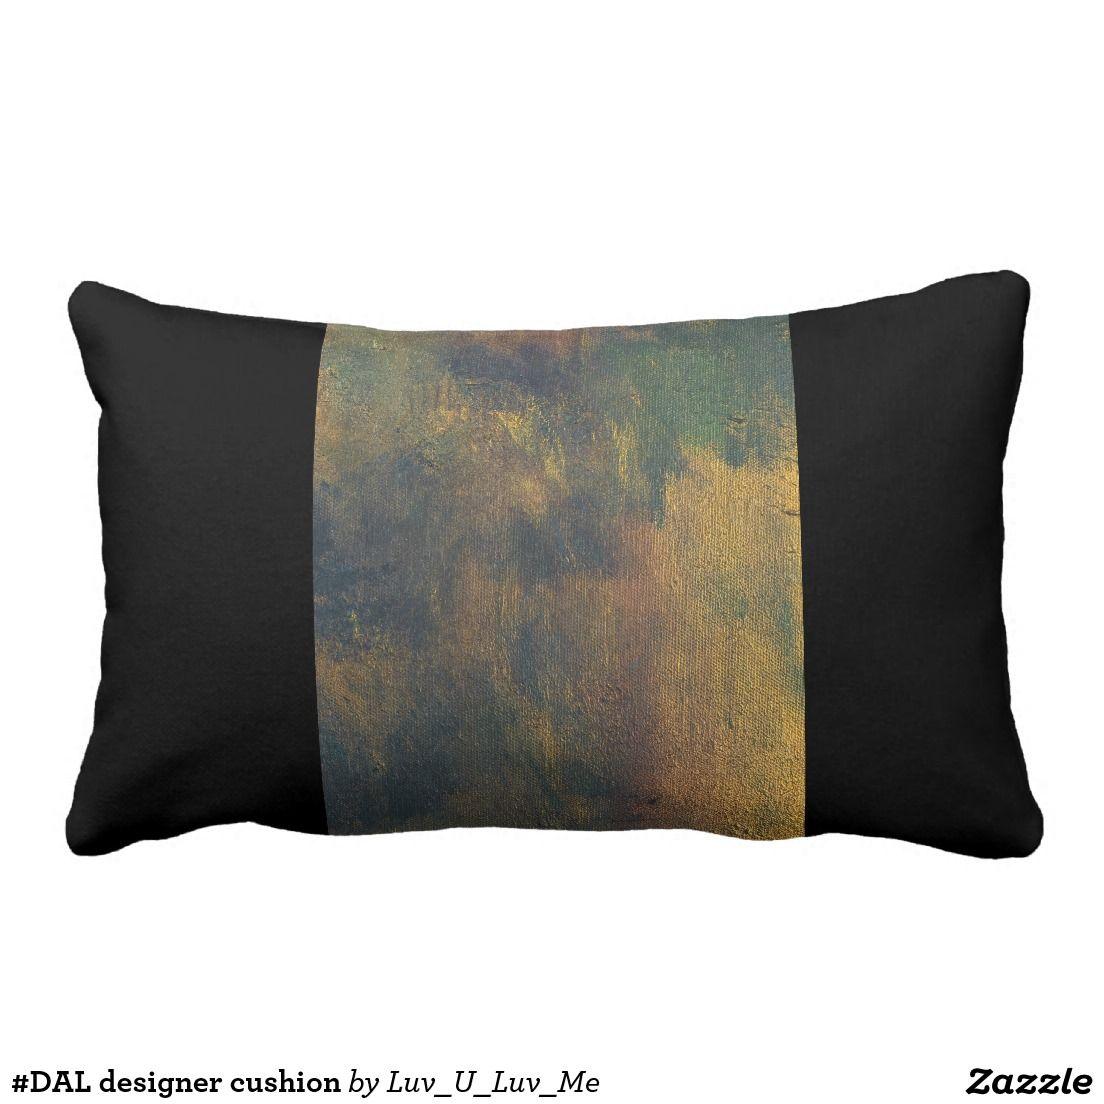 #DAL designer cushion